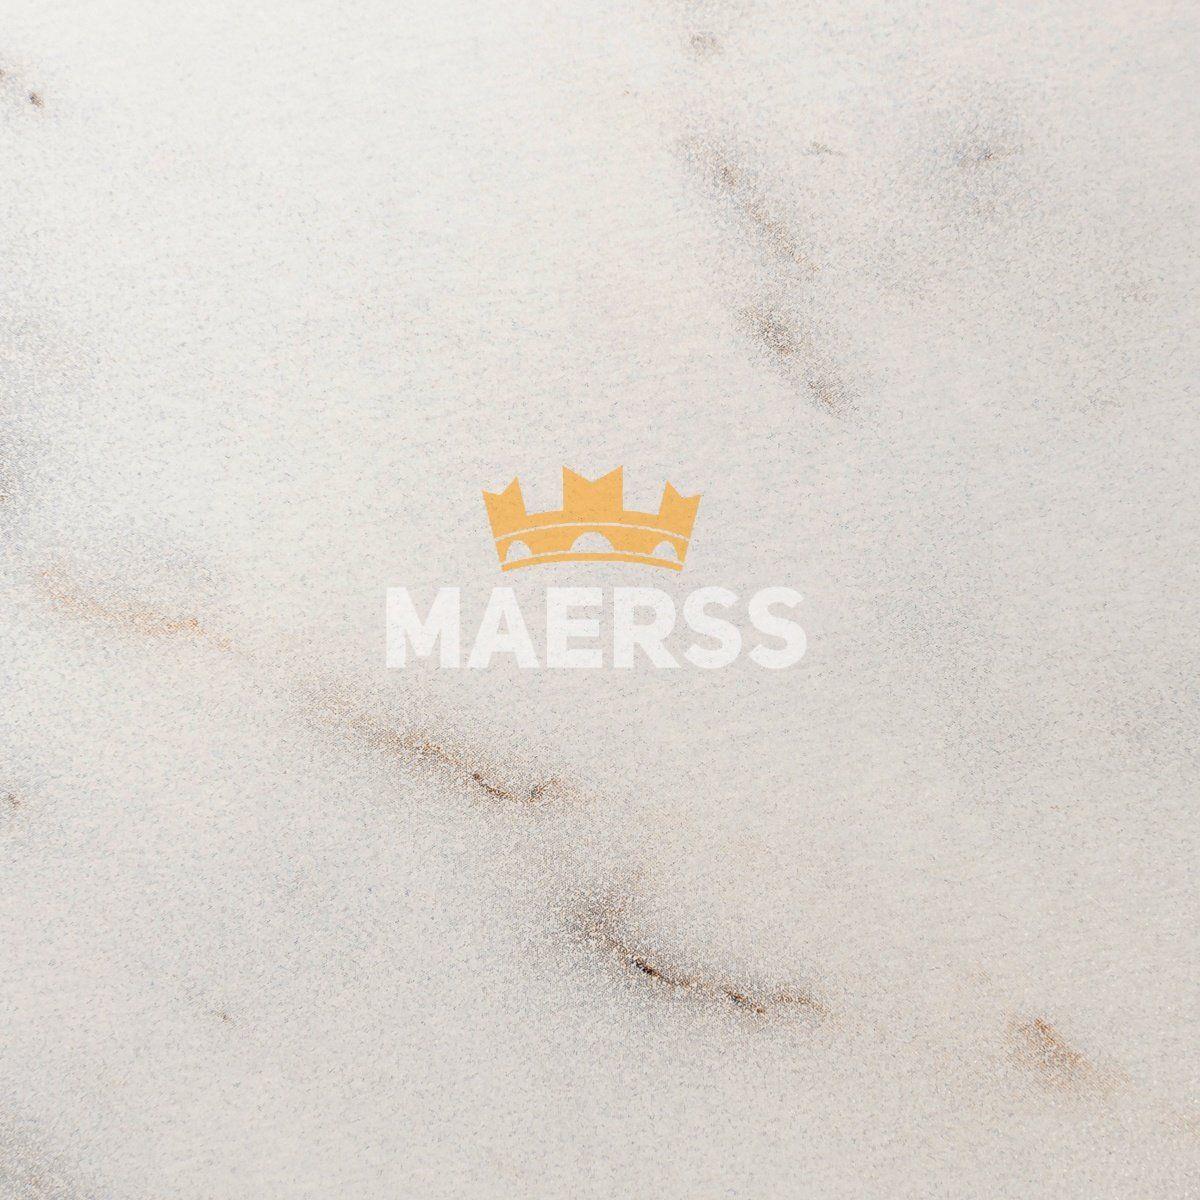 Столешница матовая 3027/S 3гр. Мрамор Белый ДСП / Пластик купить в интернет-магазине МАЕРСС